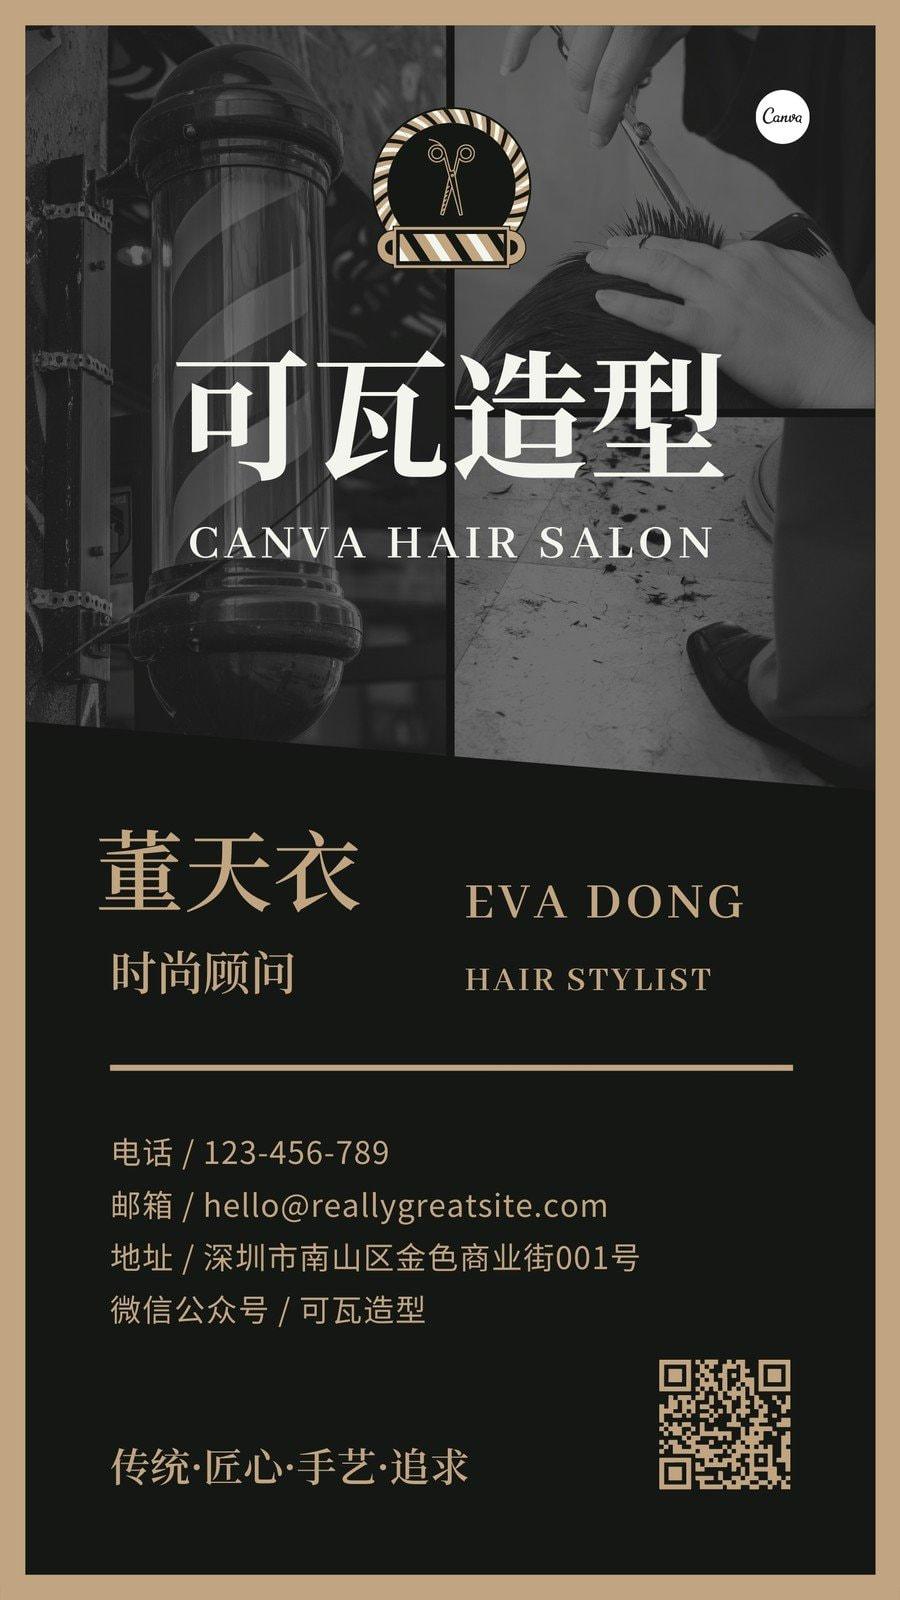 黑金色理发烫发美容美发店现代美发分享中文电子名片